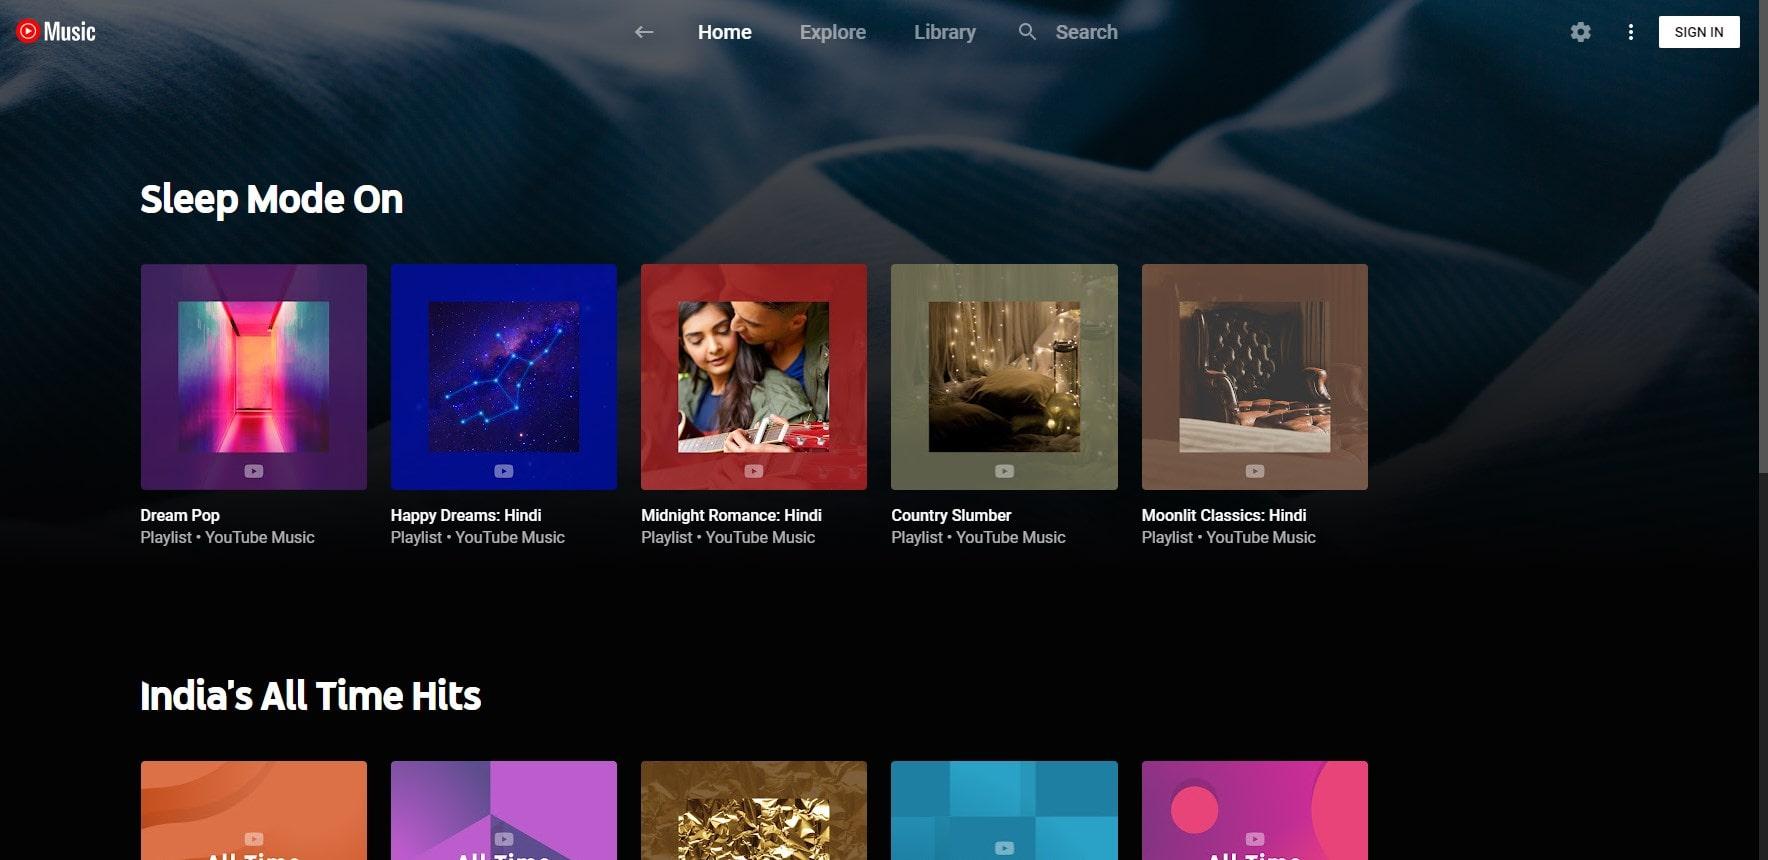 YTM youtube music app for WIndows